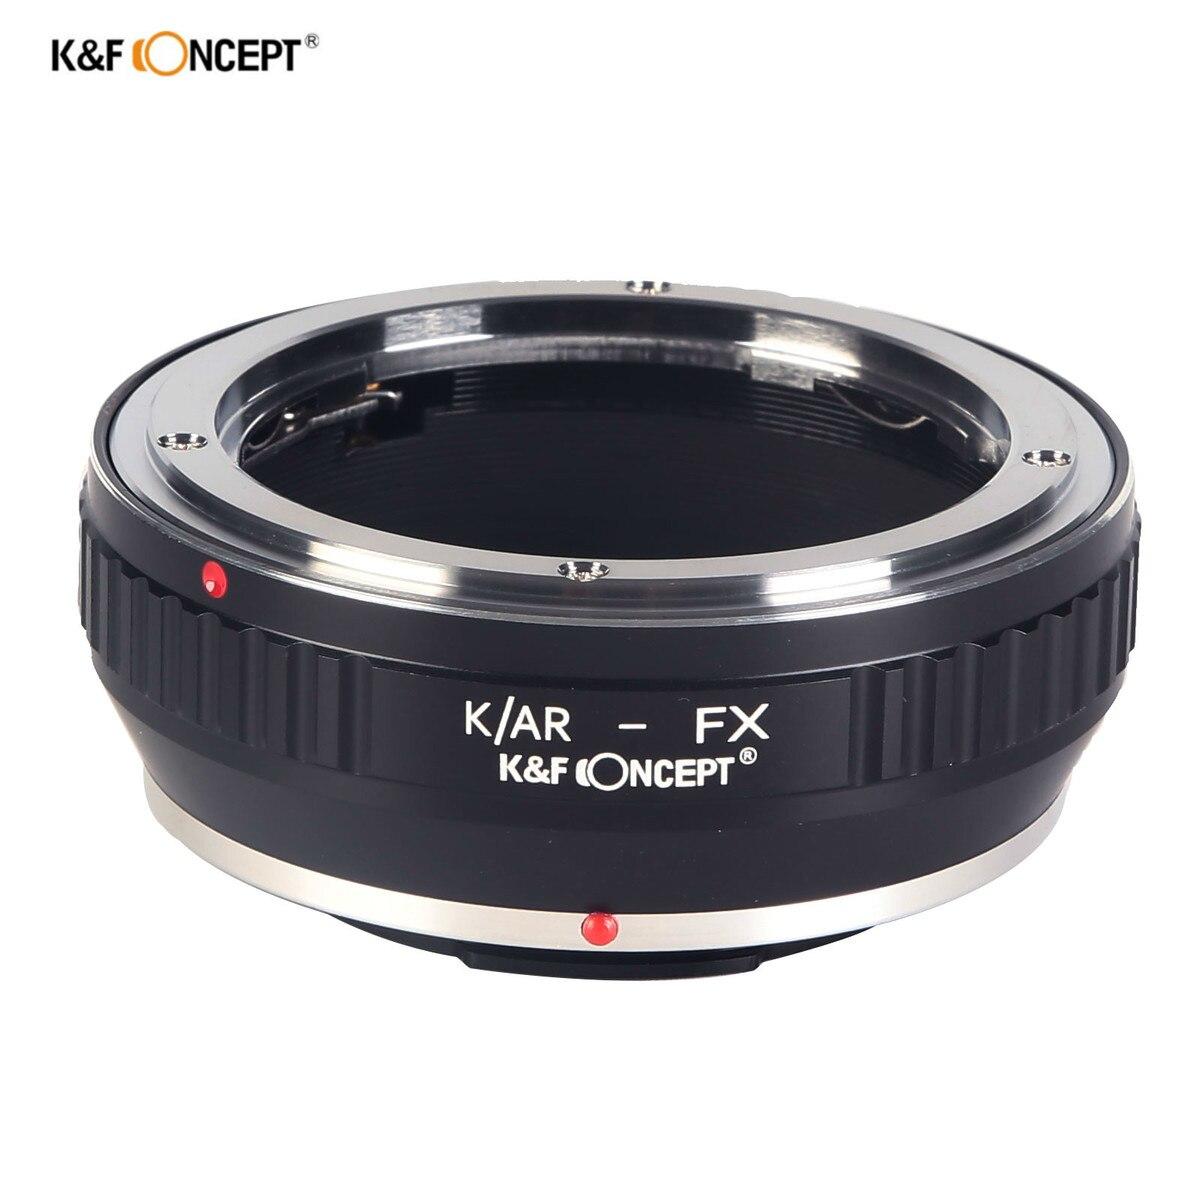 K & F CONCEPT lente anillo adaptador para Fotasy AFKR Konica Hexanon AR lente a Fujifilm montaje FX Cuerpo de Cámara